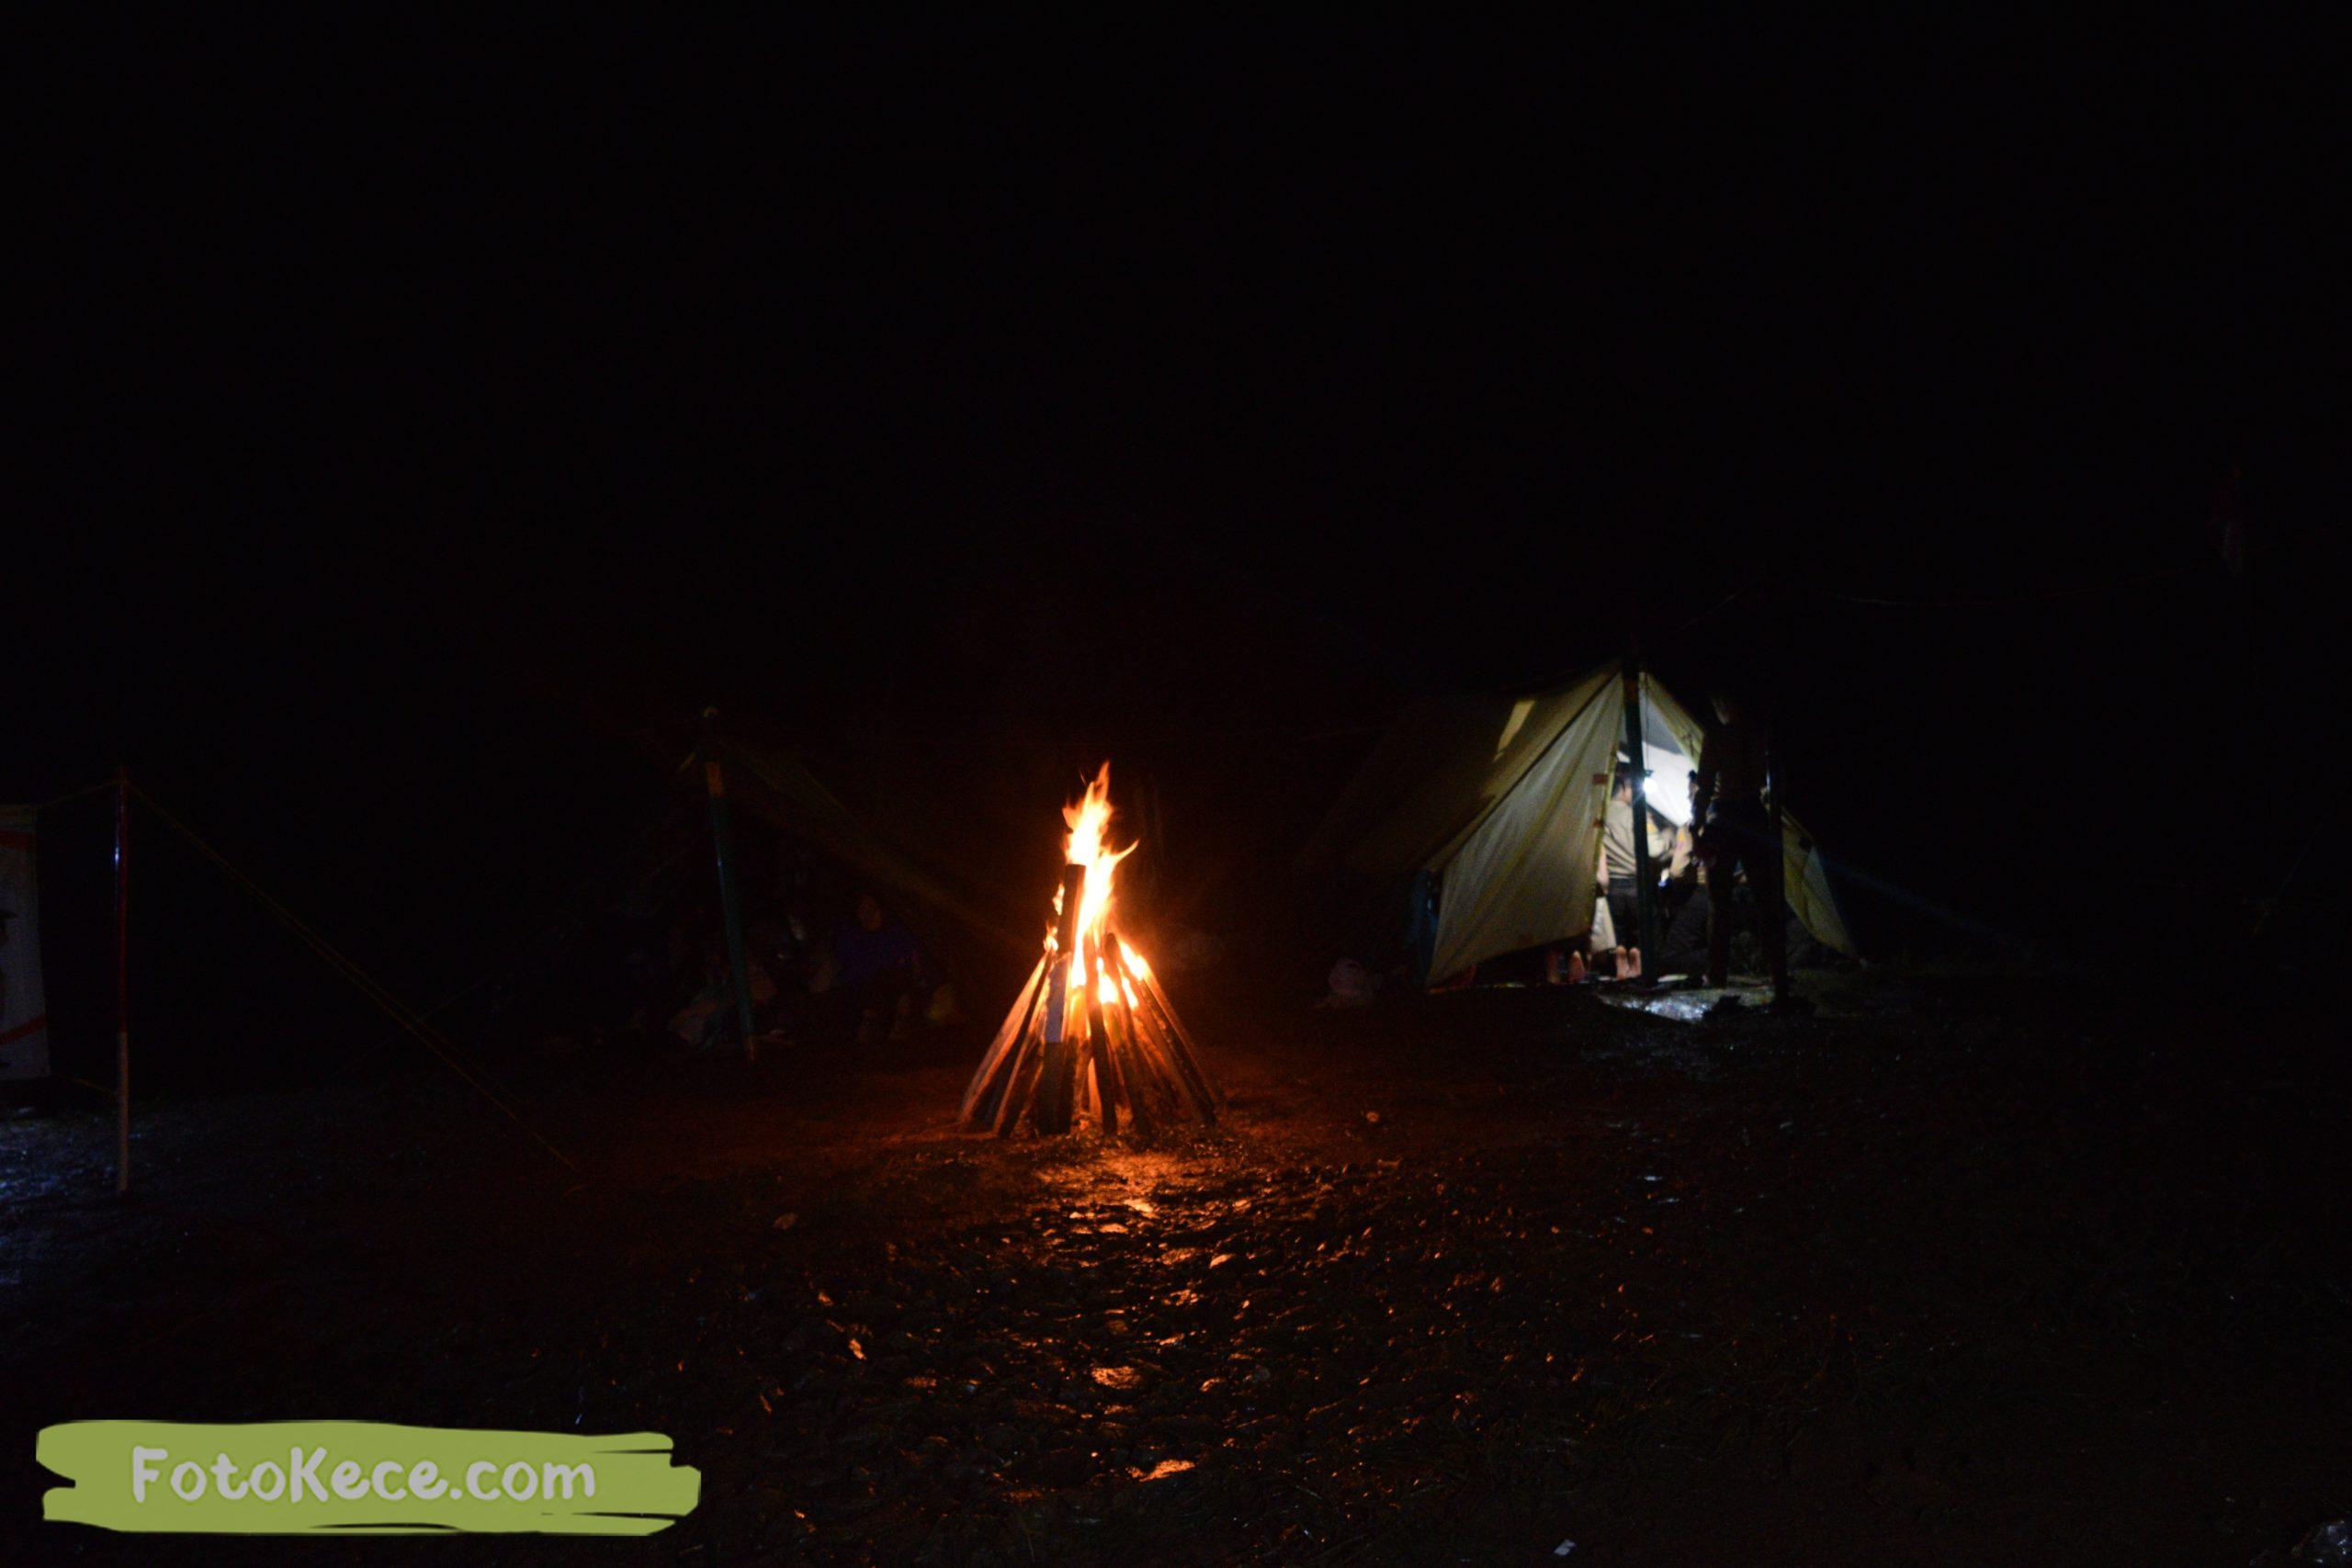 kegiatan sore malam perkemahan narakarya 1 mtsn 2 sukabumi 24 25 januari 2020 pramuka hebat puncak buluh foto kece 70 scaled